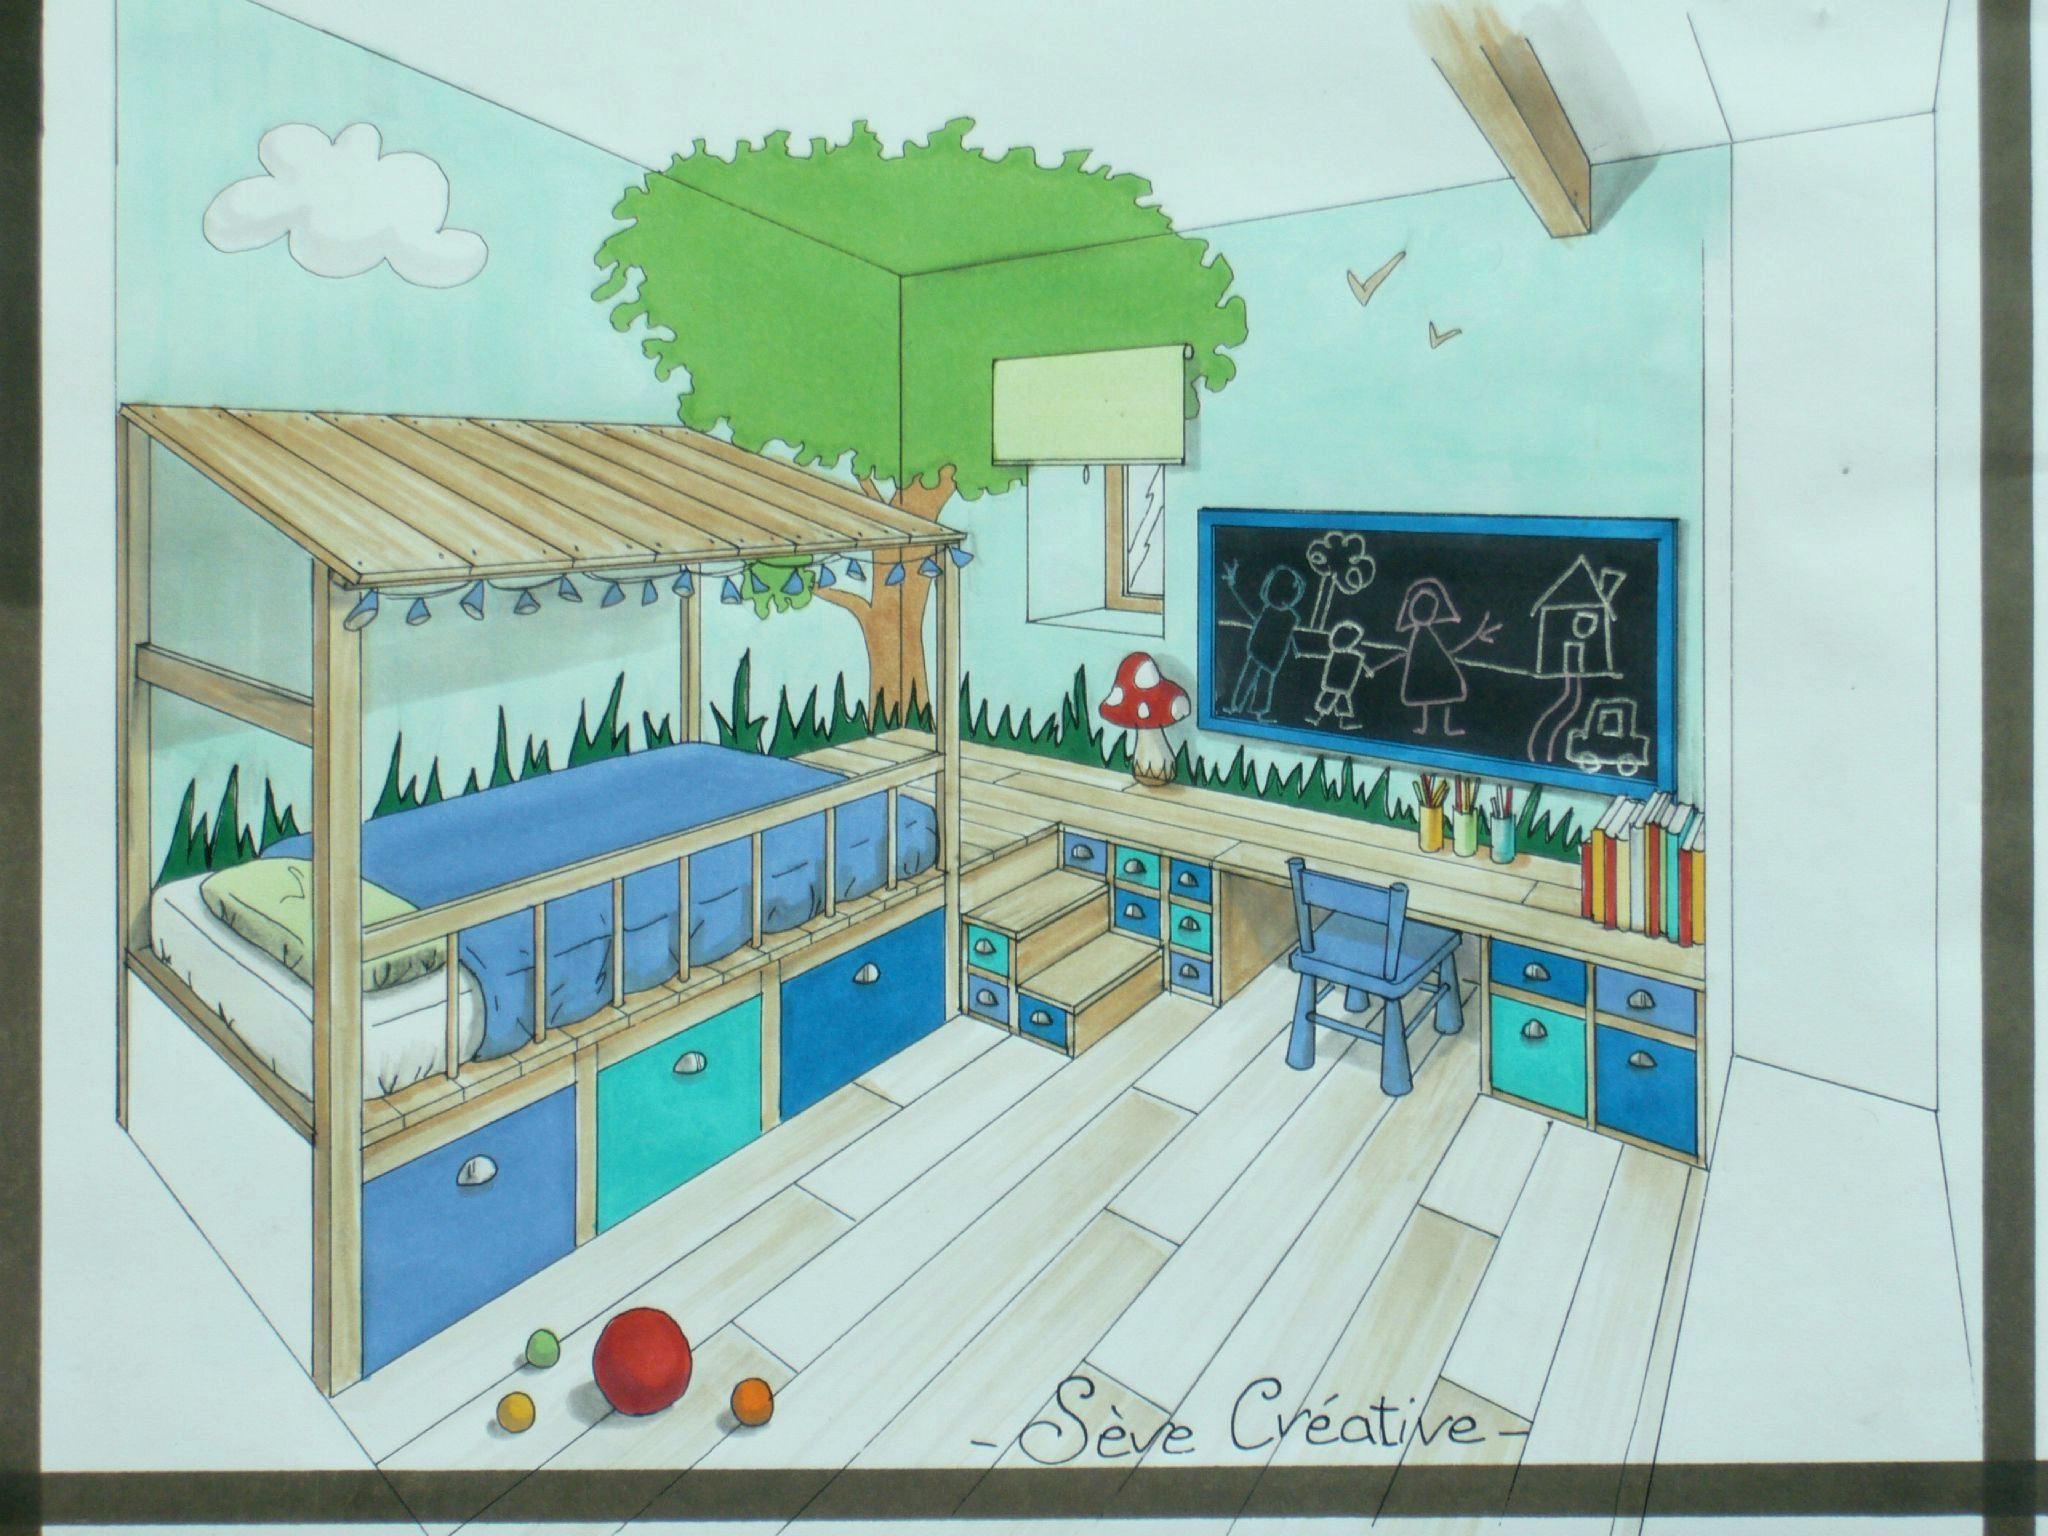 Idee Deco Interieur Cabane En Bois Inspirant Galerie Decoration Interieur Beau Tag Metal Decor 0d Design De Maison